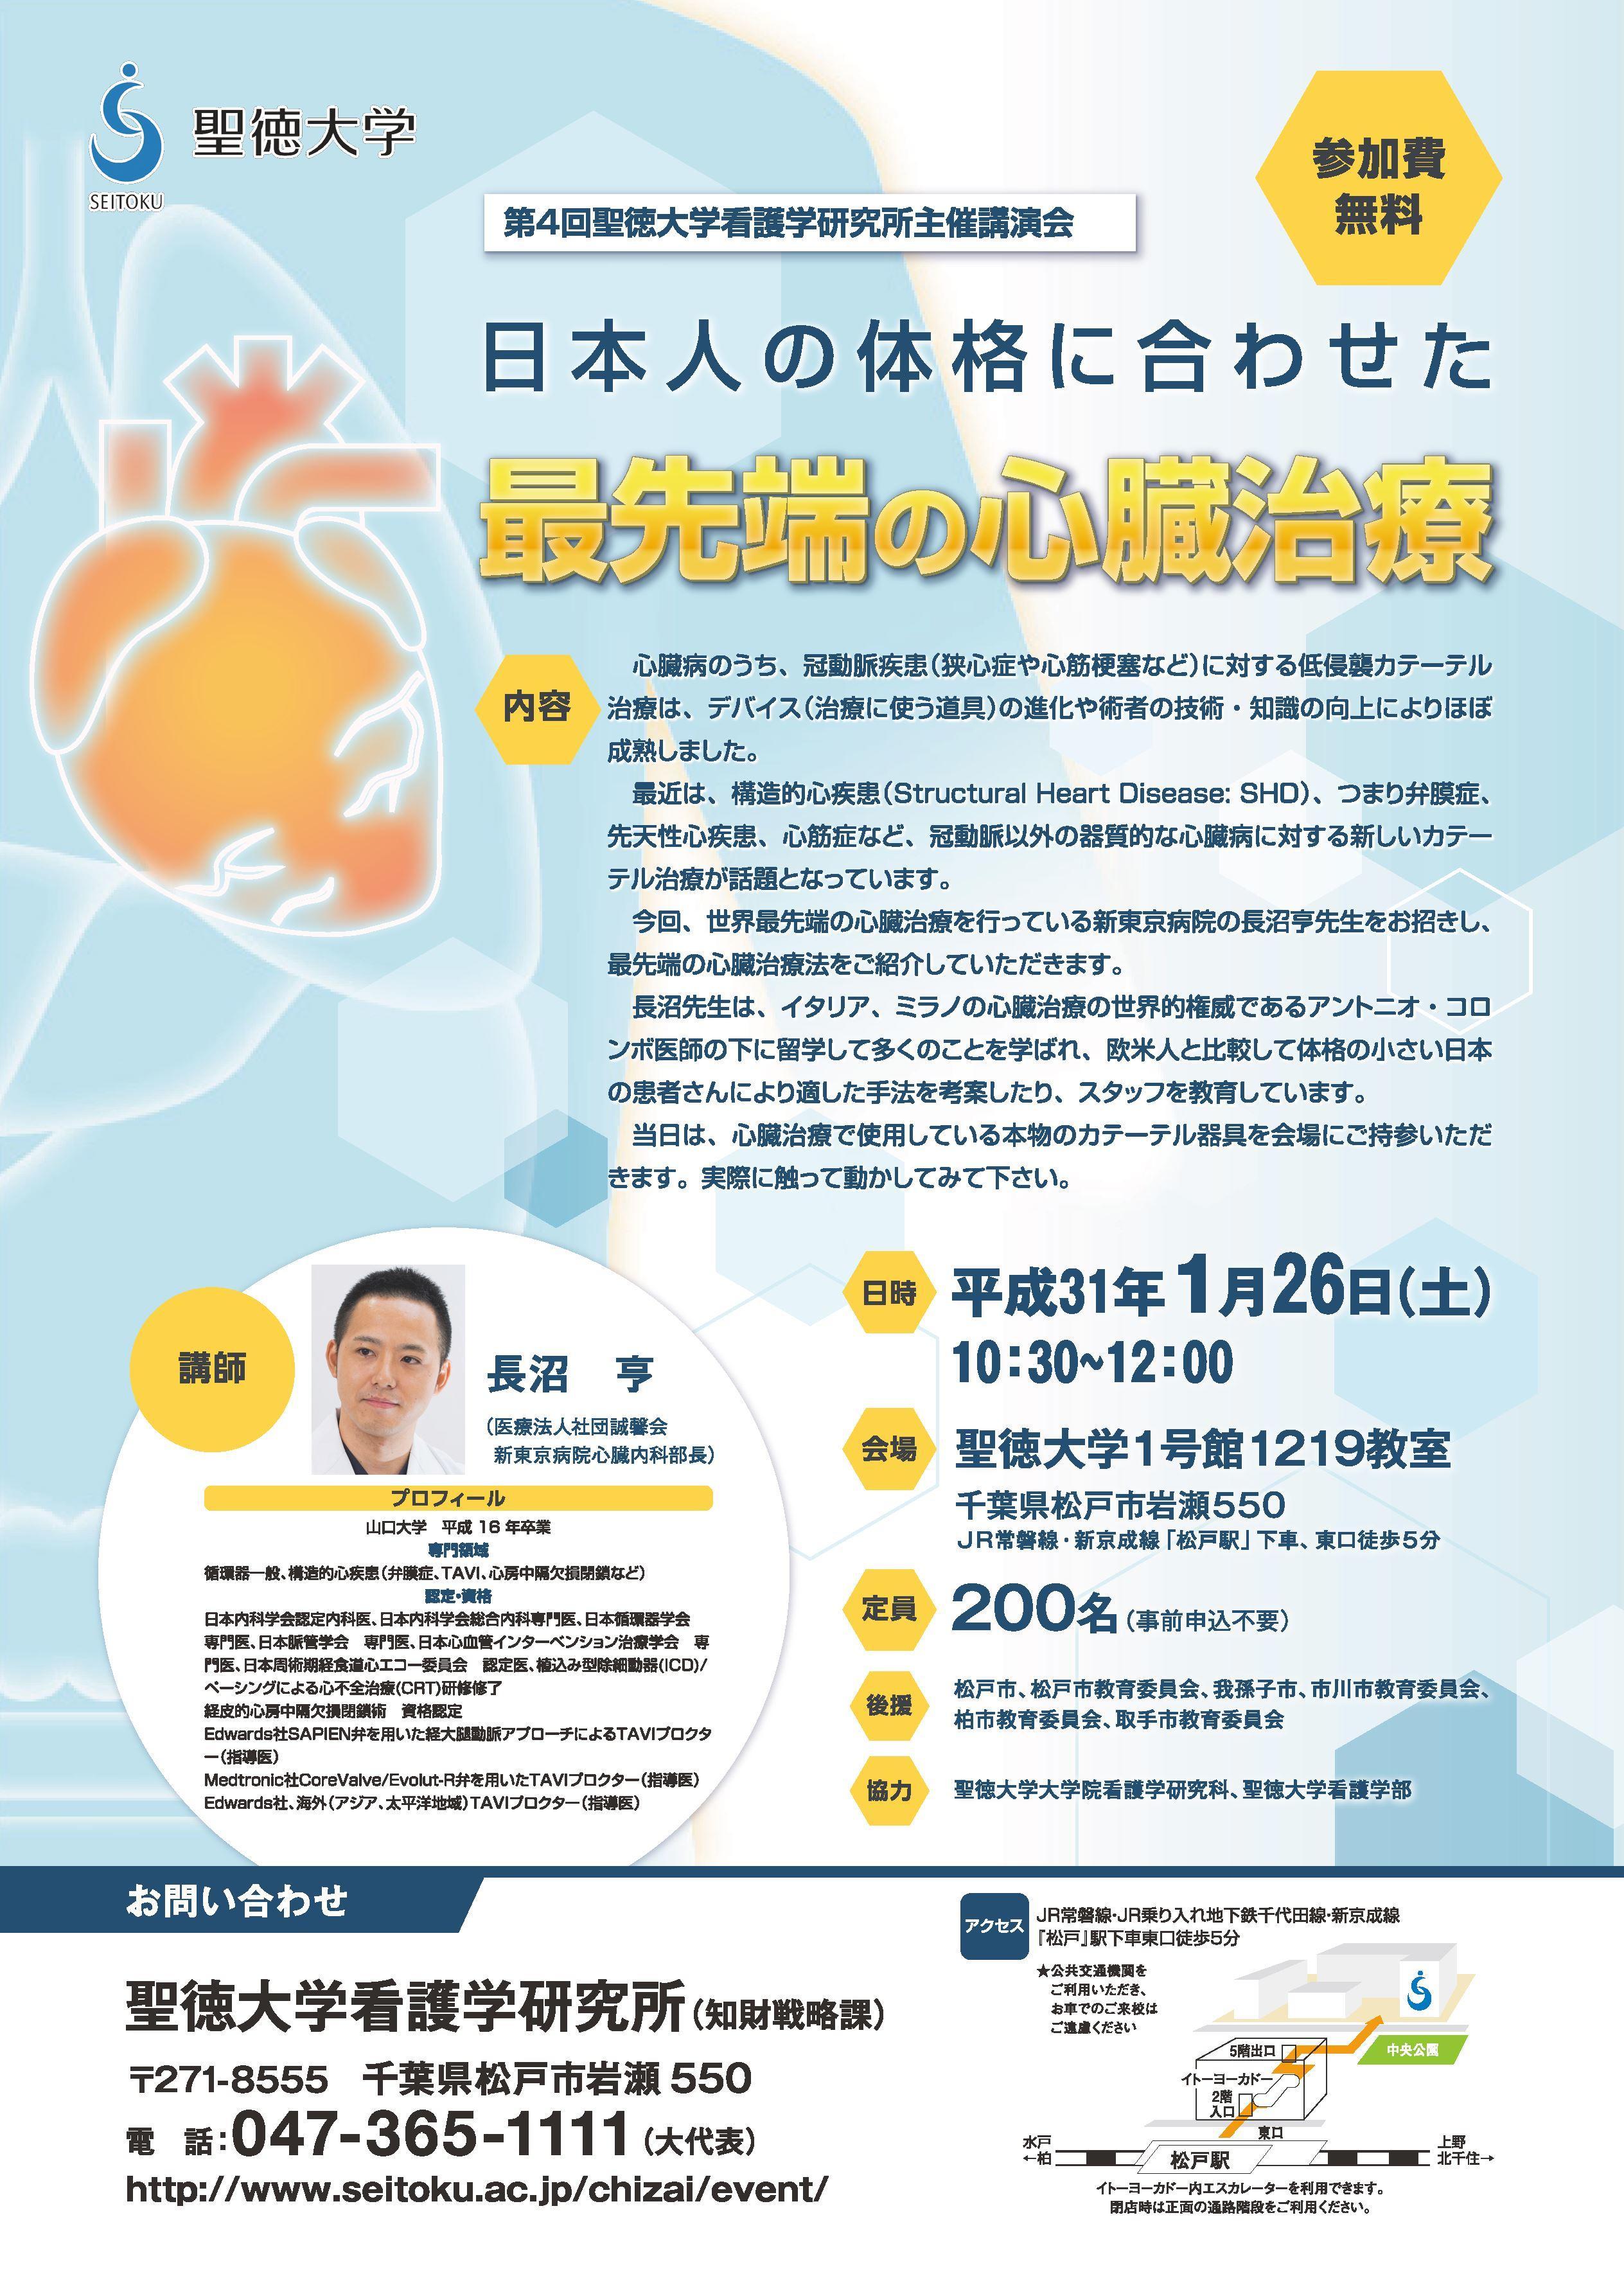 聖徳大学が1月26日に講演会「日本人の体格に合わせた最先端の心臓治療」を開催 -- 新東京病院の長沼亨医師を招請